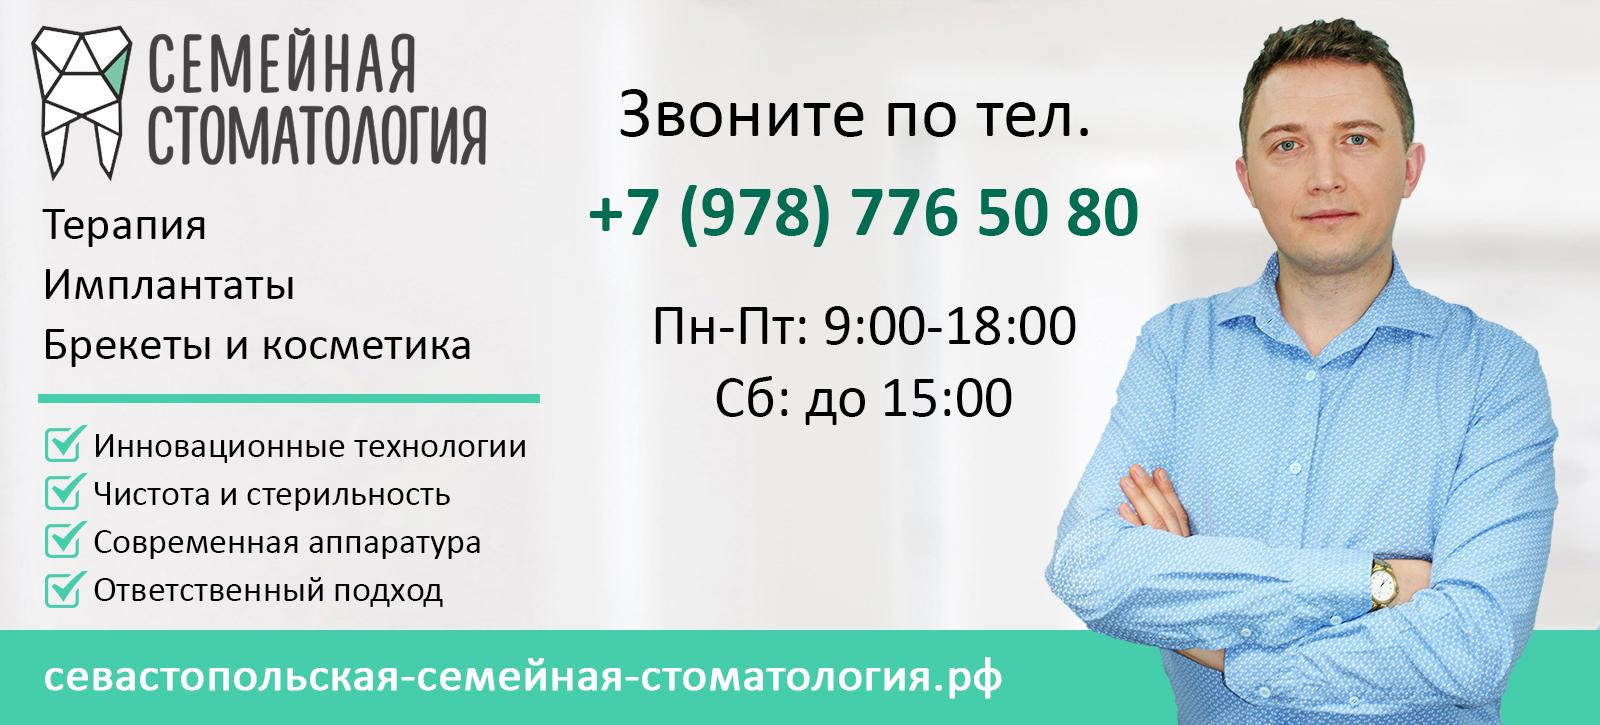 стоматология Севастополь